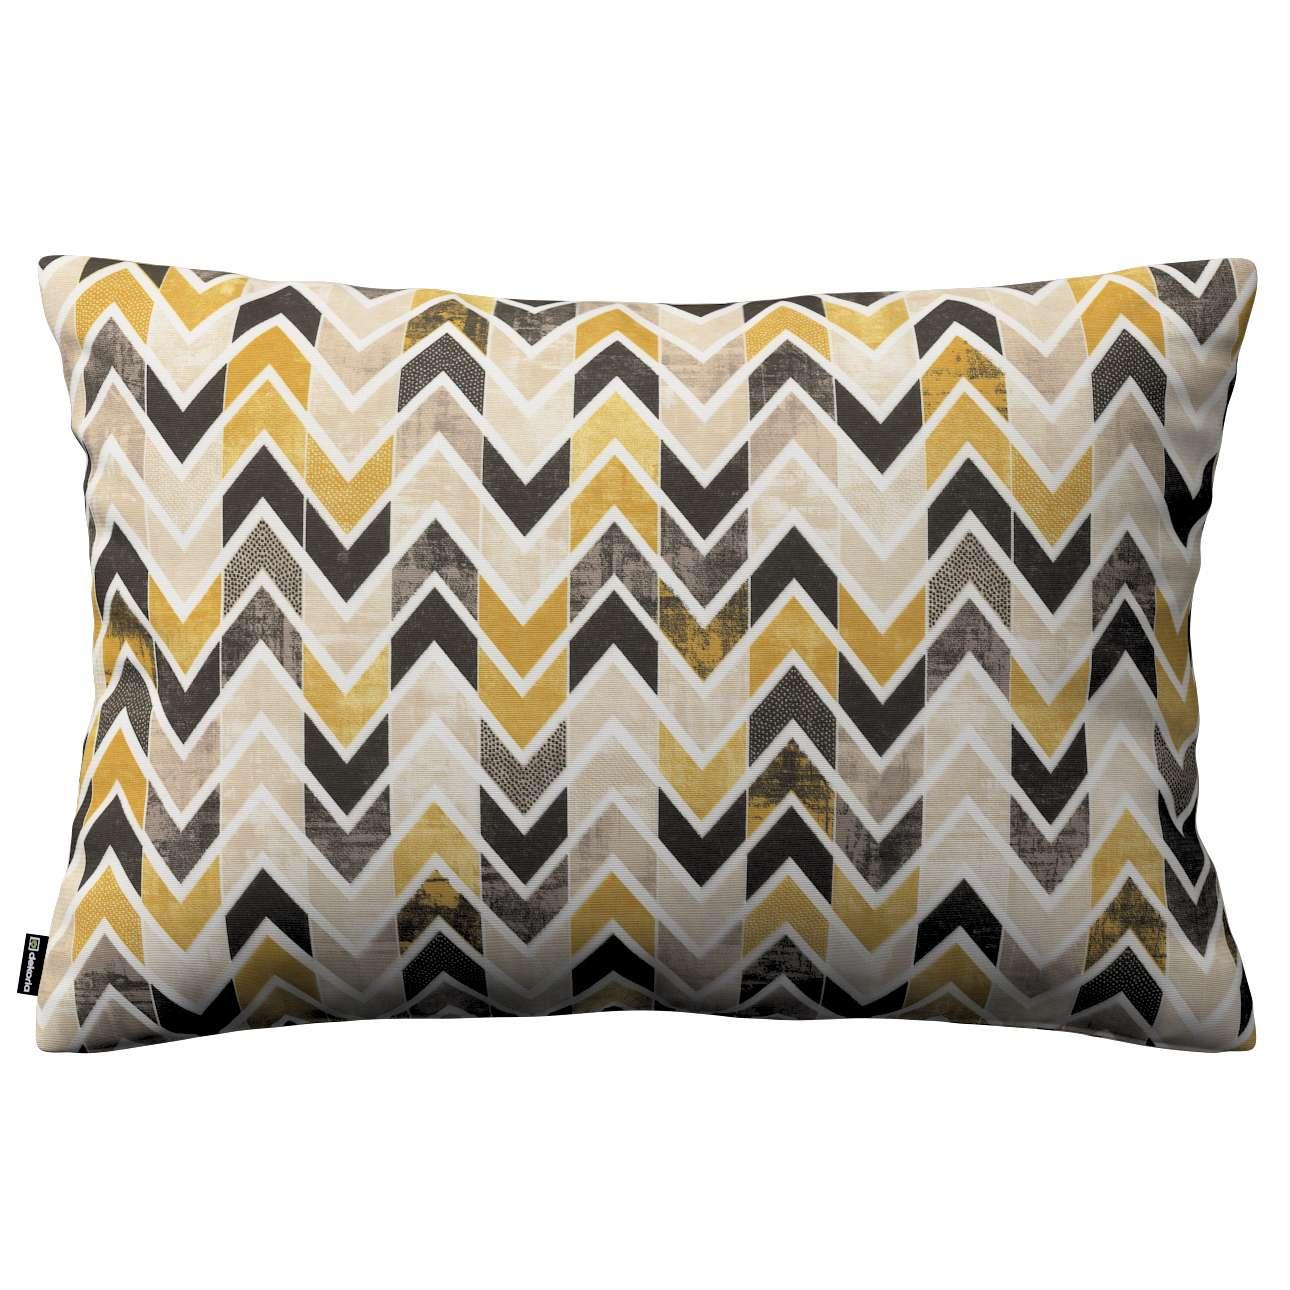 Poszewka Kinga na poduszkę prostokątną w kolekcji Modern, tkanina: 142-79